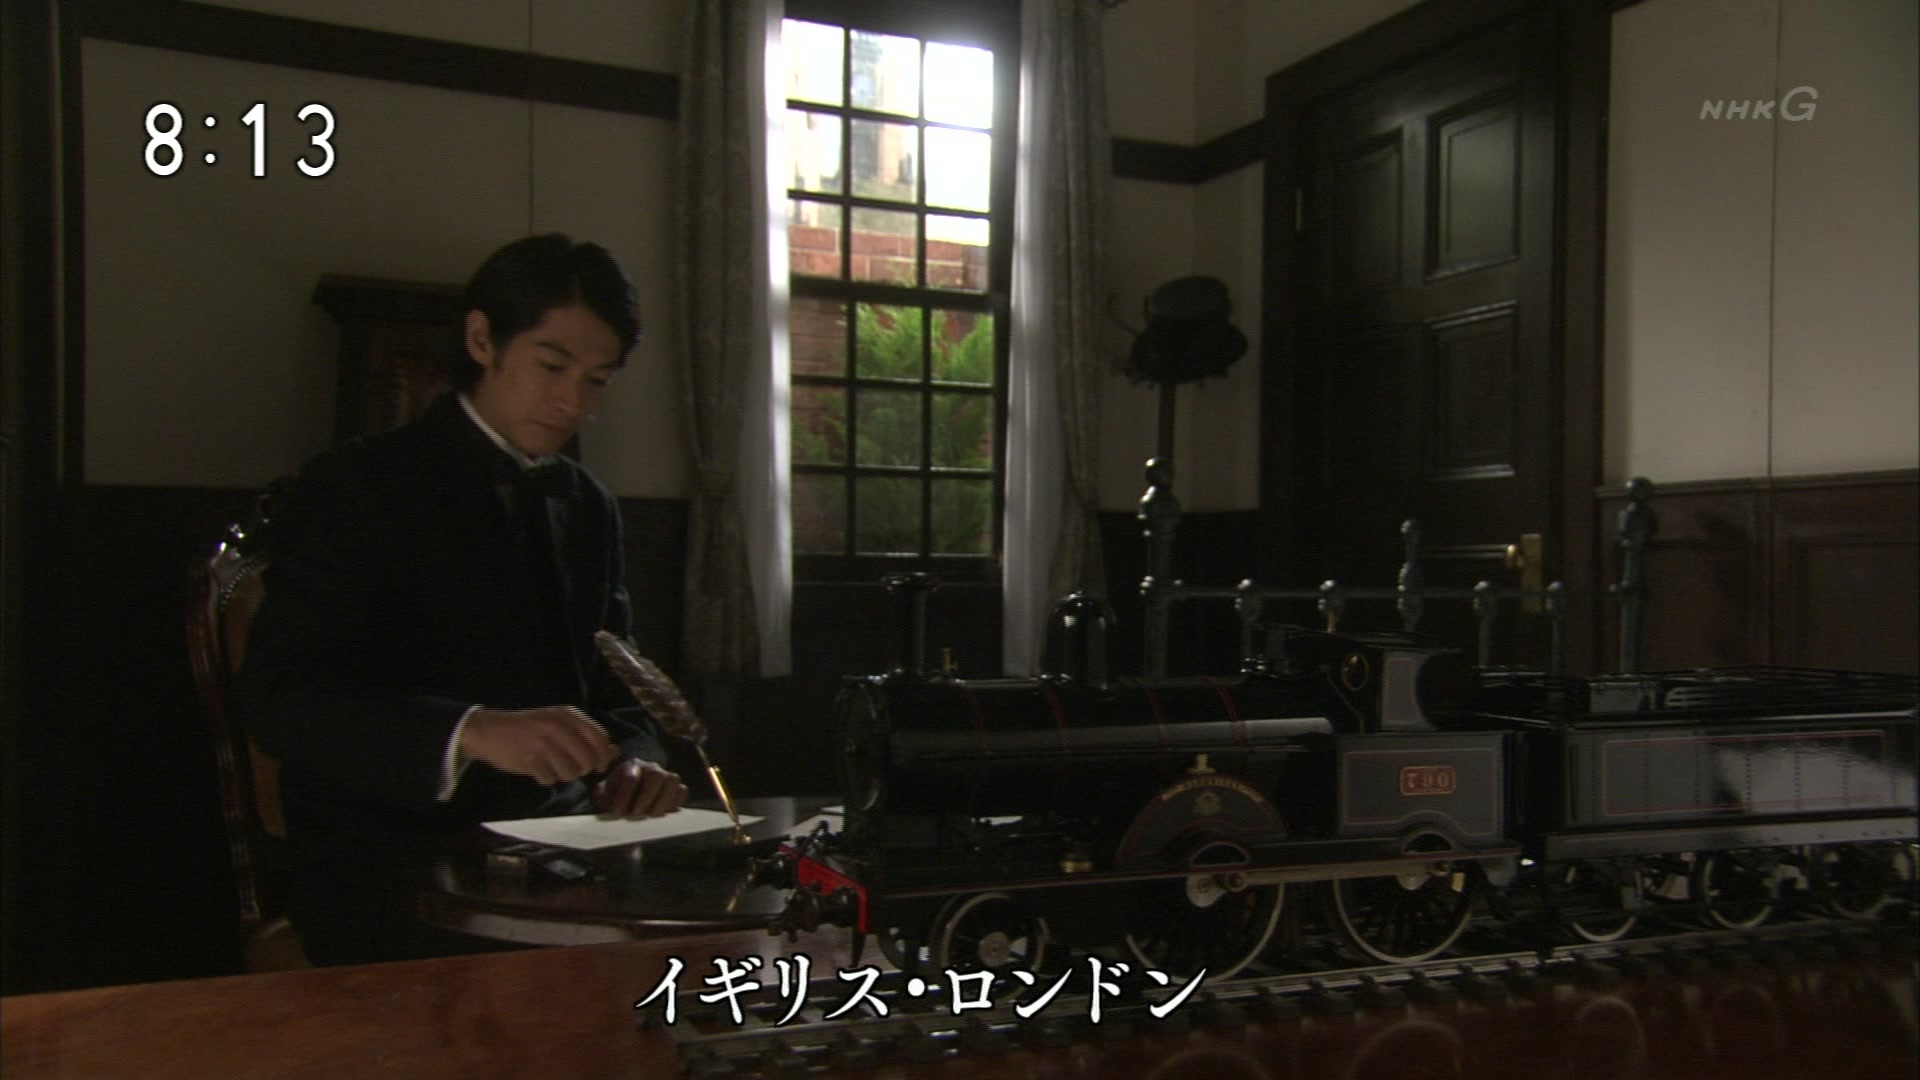 2015-10-07 08:00 連続テレビ小説 あさが来た(9)「ふたつの花びら」 2397